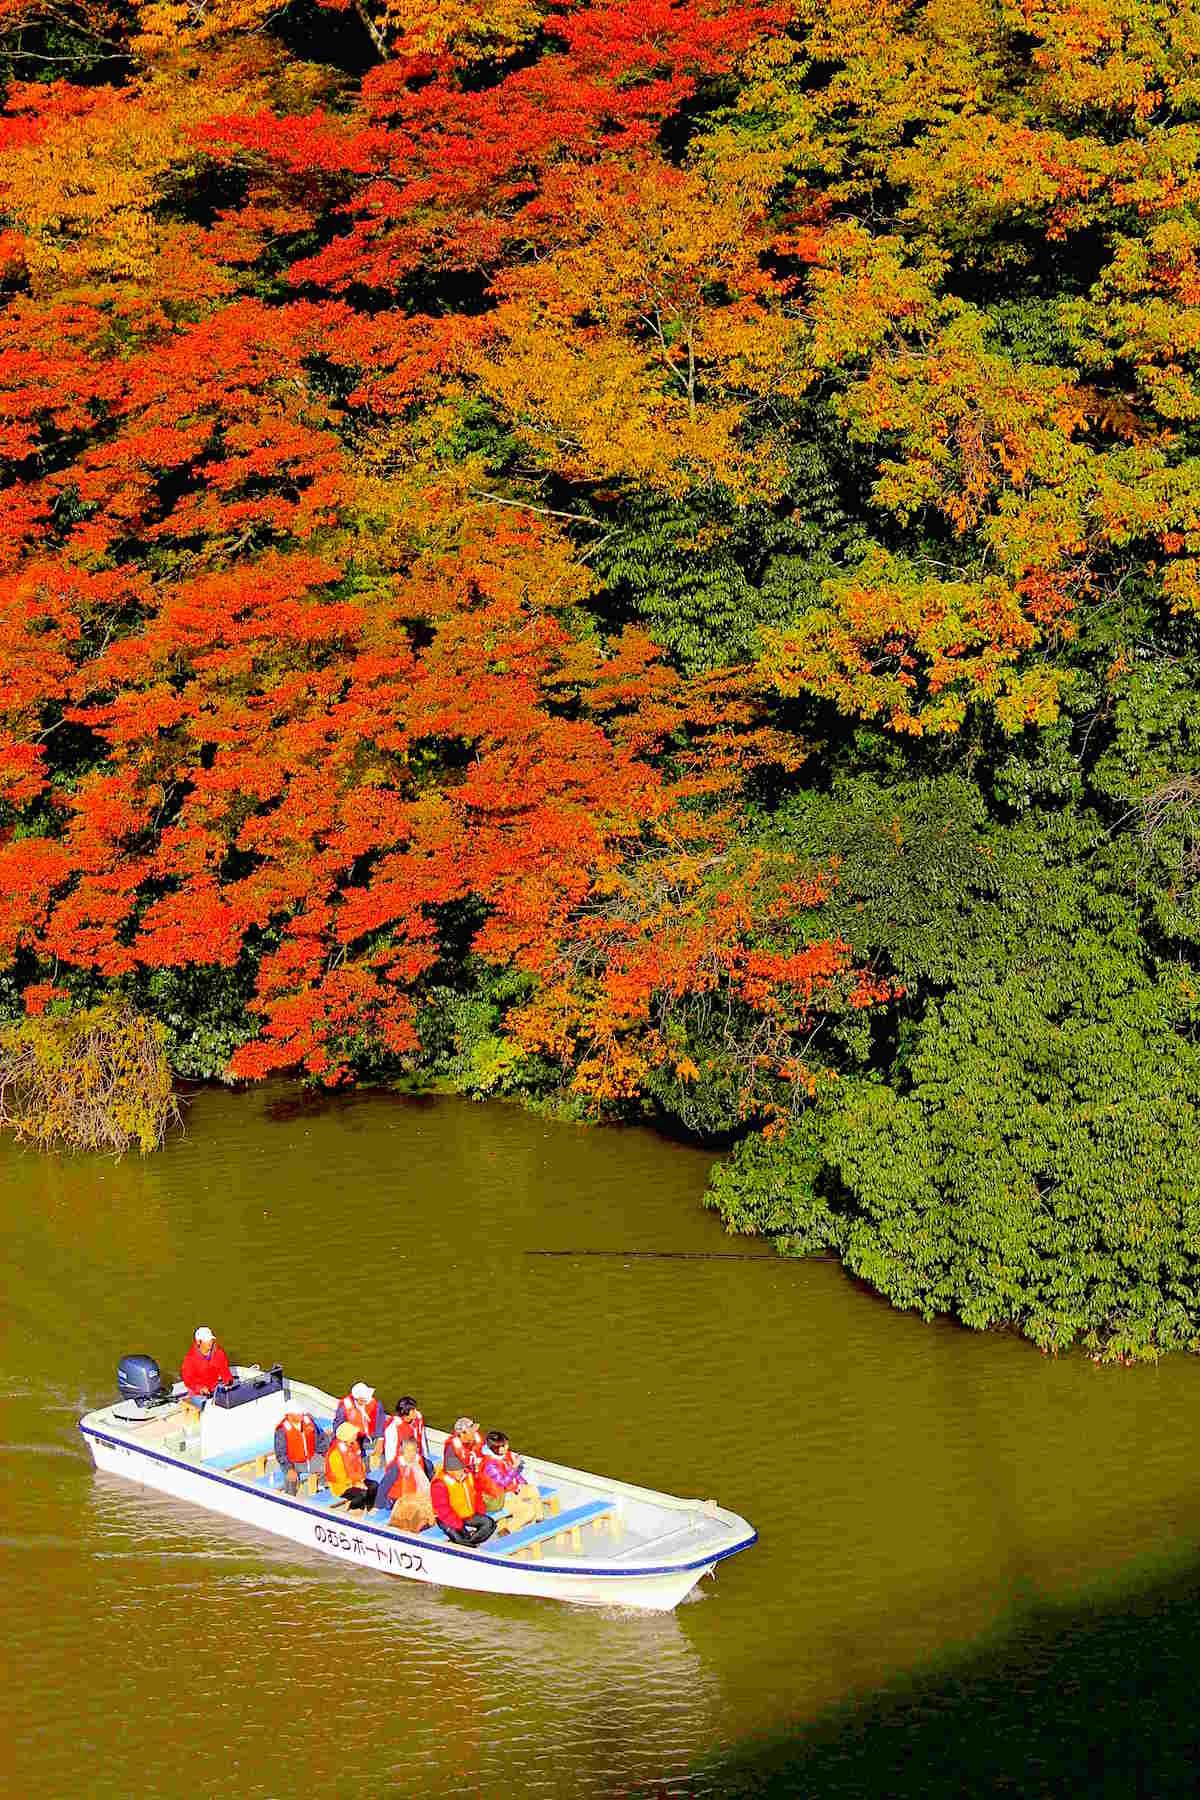 湖上からでしか観賞できないスポットで紅葉狩り!